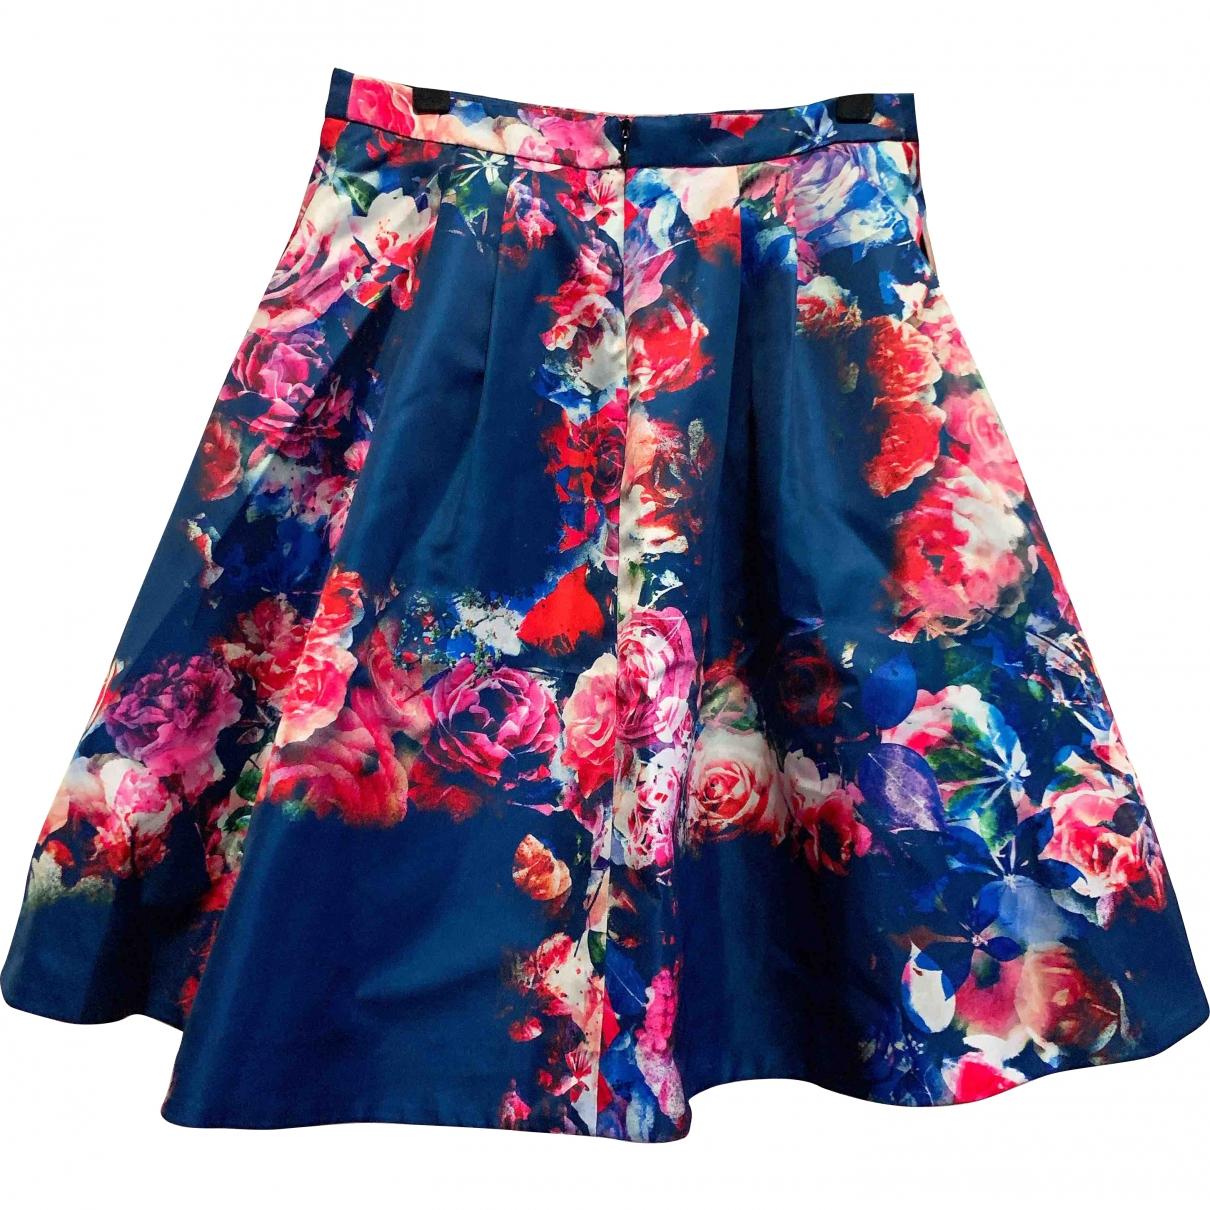 Msgm \N Blue skirt for Women 40 IT